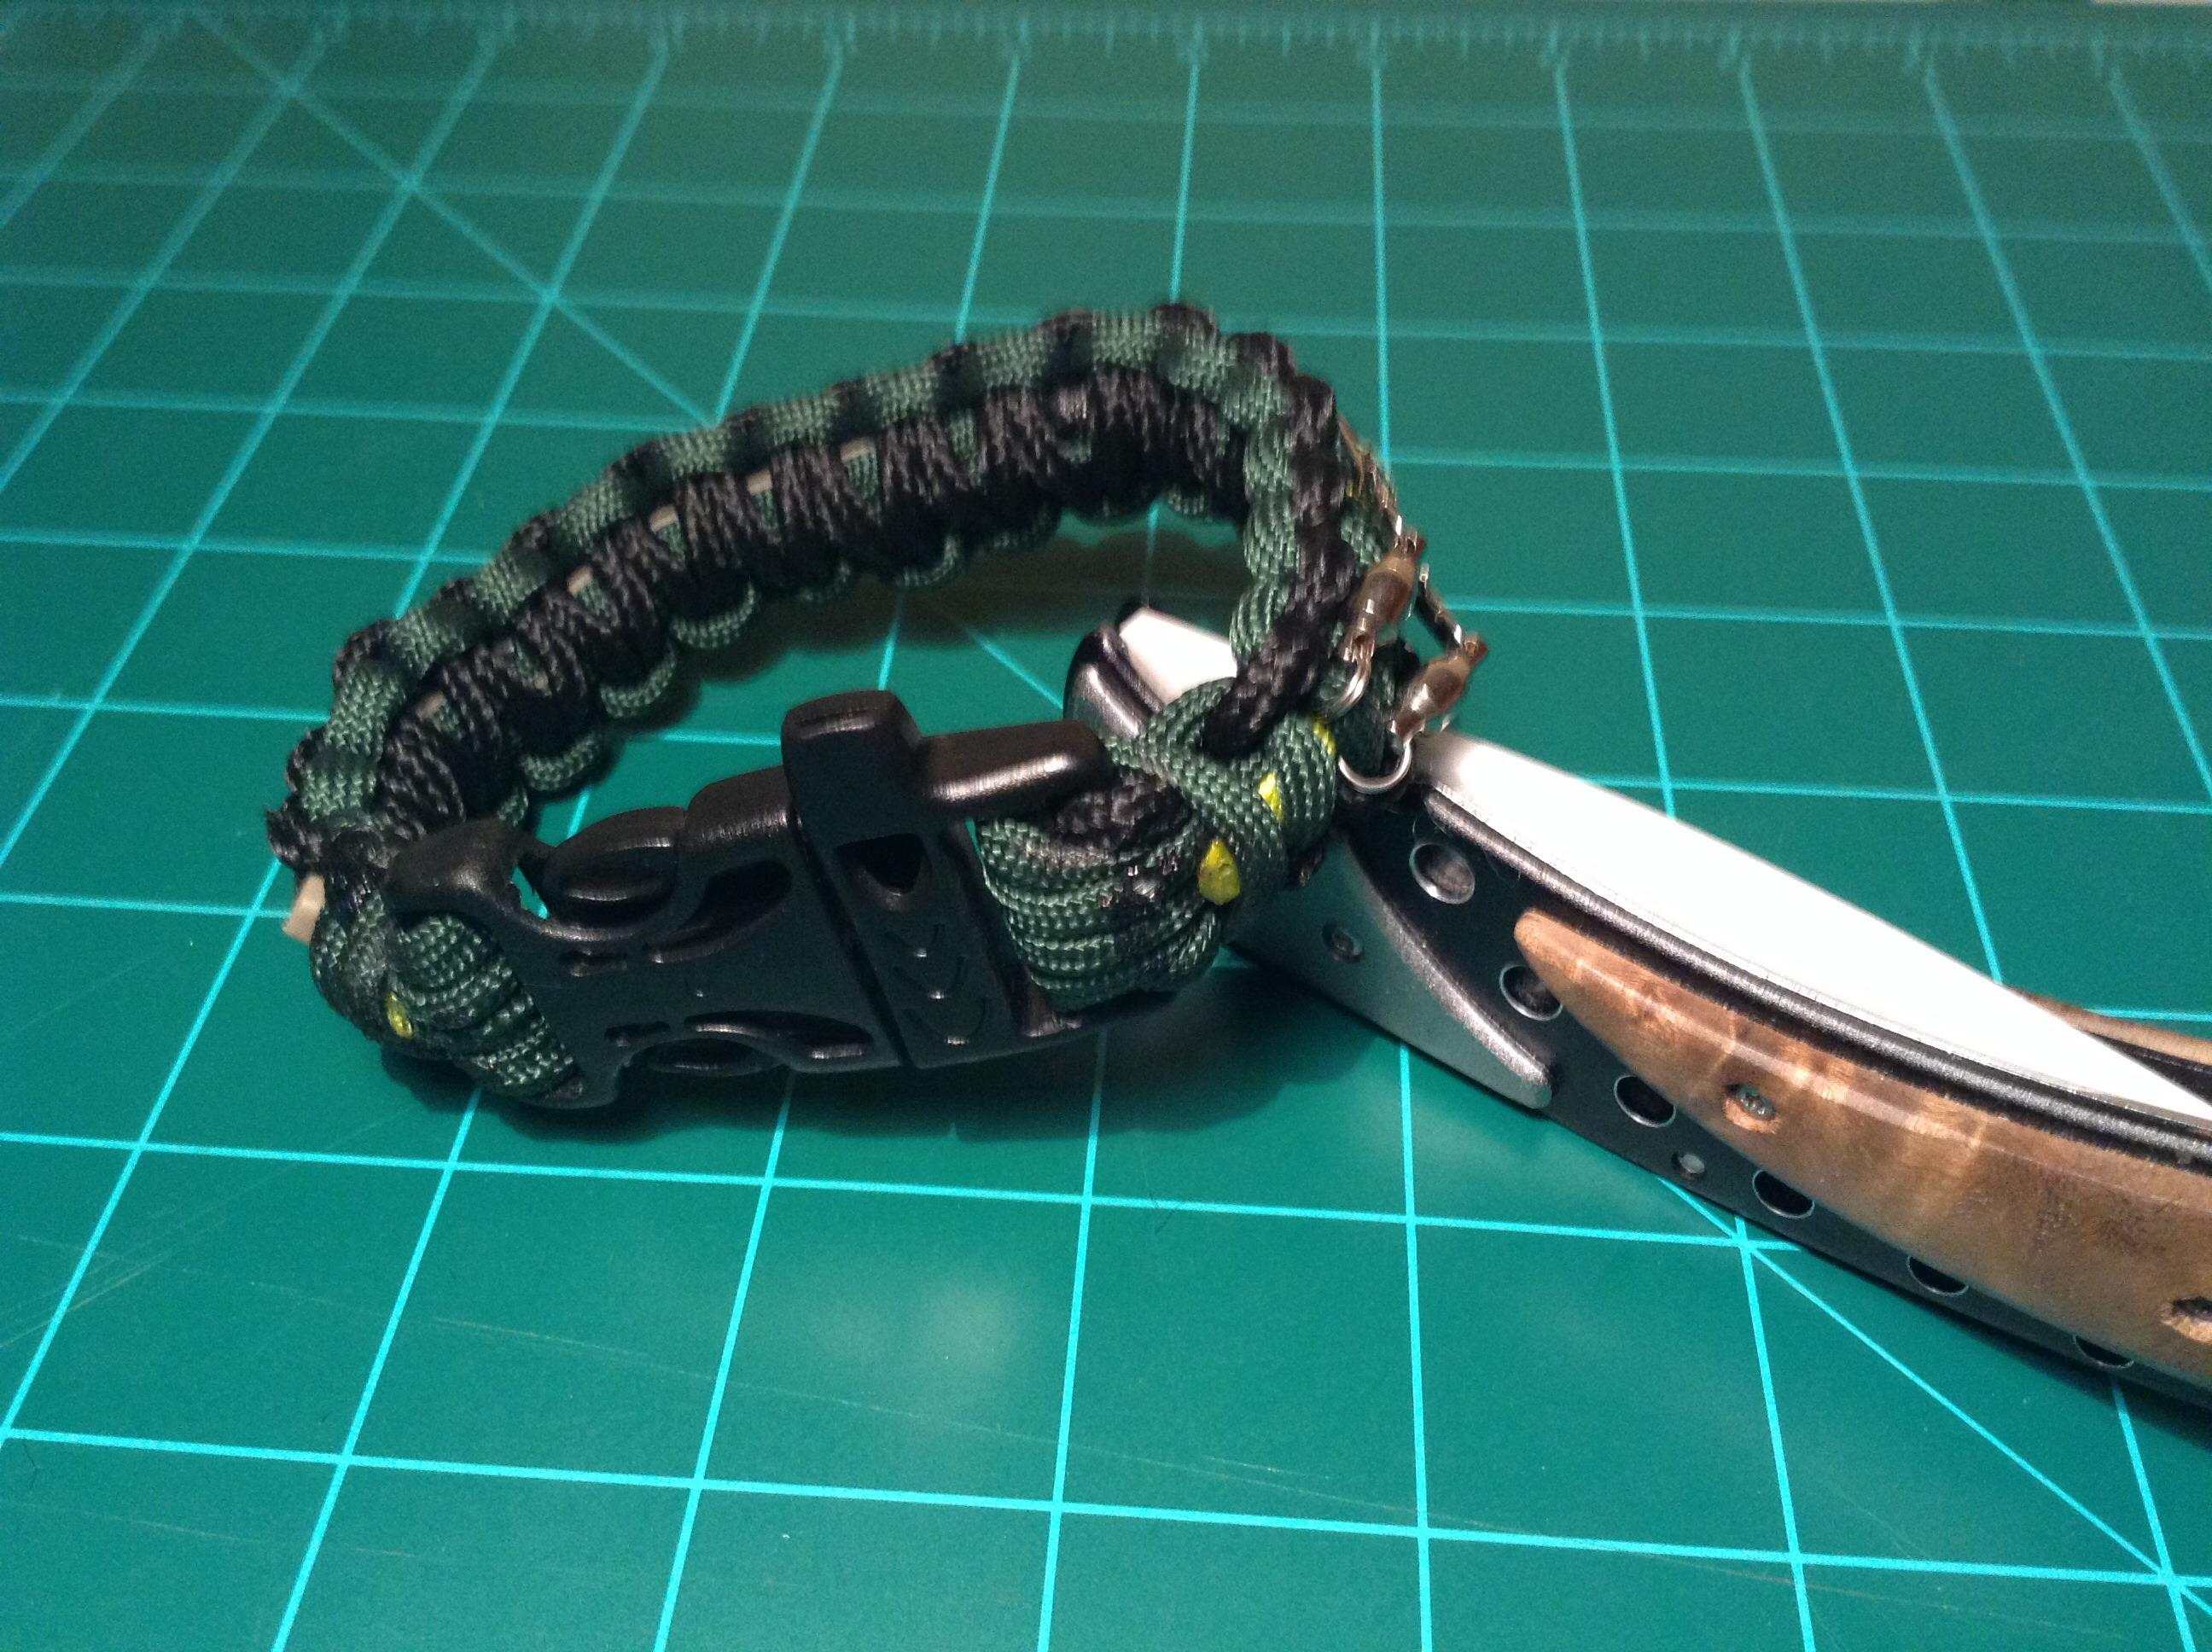 Survival Kit Inside A Paracord Bracelet